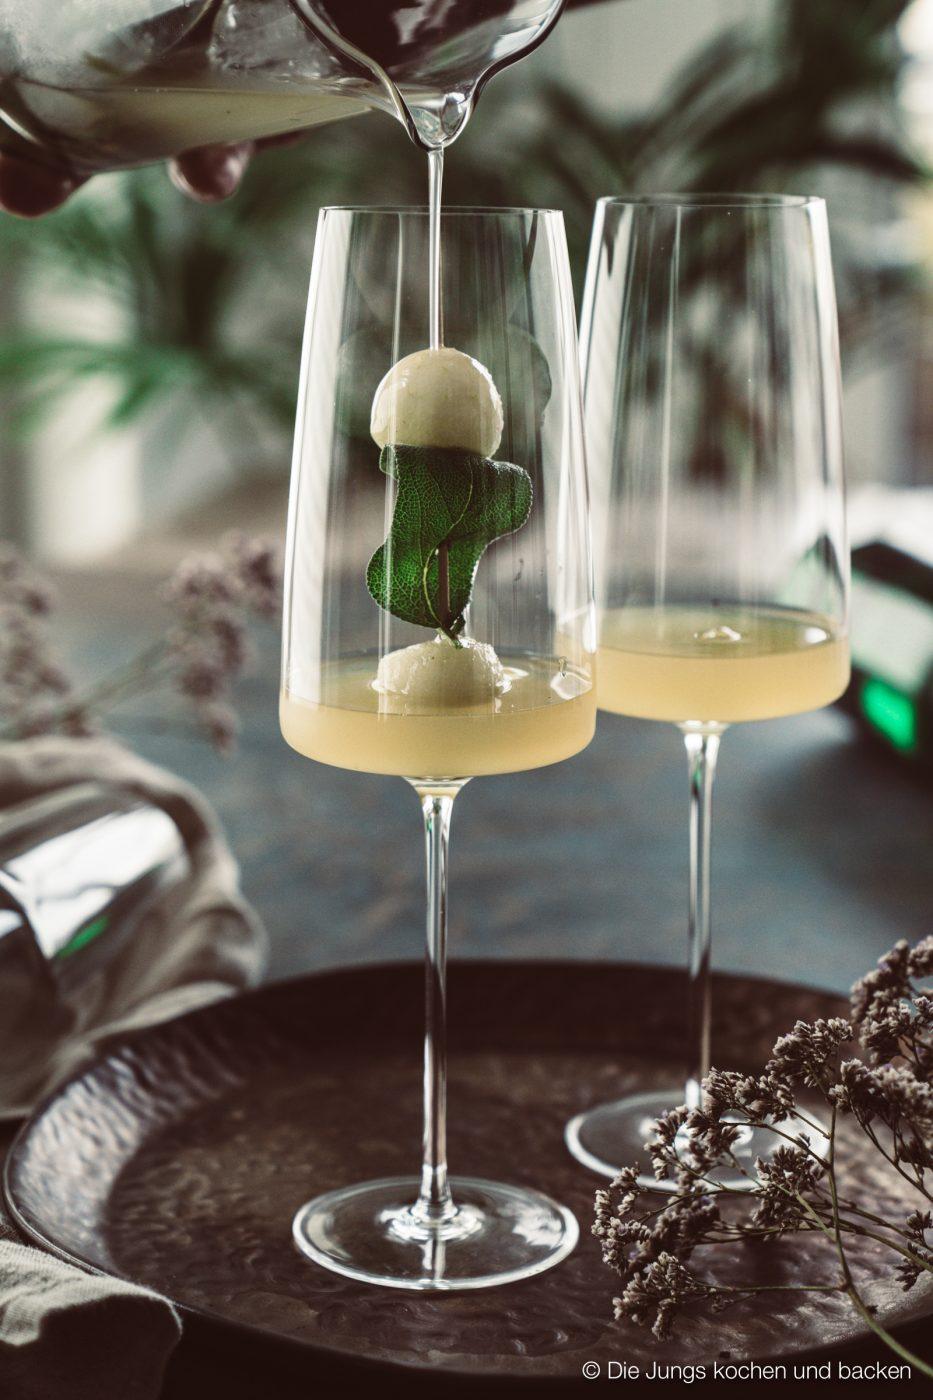 Williams Royale sektcocktail zwiesel 1 | Heute melden wir uns noch ein Mal mit einem letzten Rezeptpost für das Jahr 2019. Und was bietet sich da Schöneres an, als ein toller Drink, den man zwar nicht nur, aber auch zu Silvester servieren kann. Und unser Jahresabschluss Cocktail heißt Williams Royal.